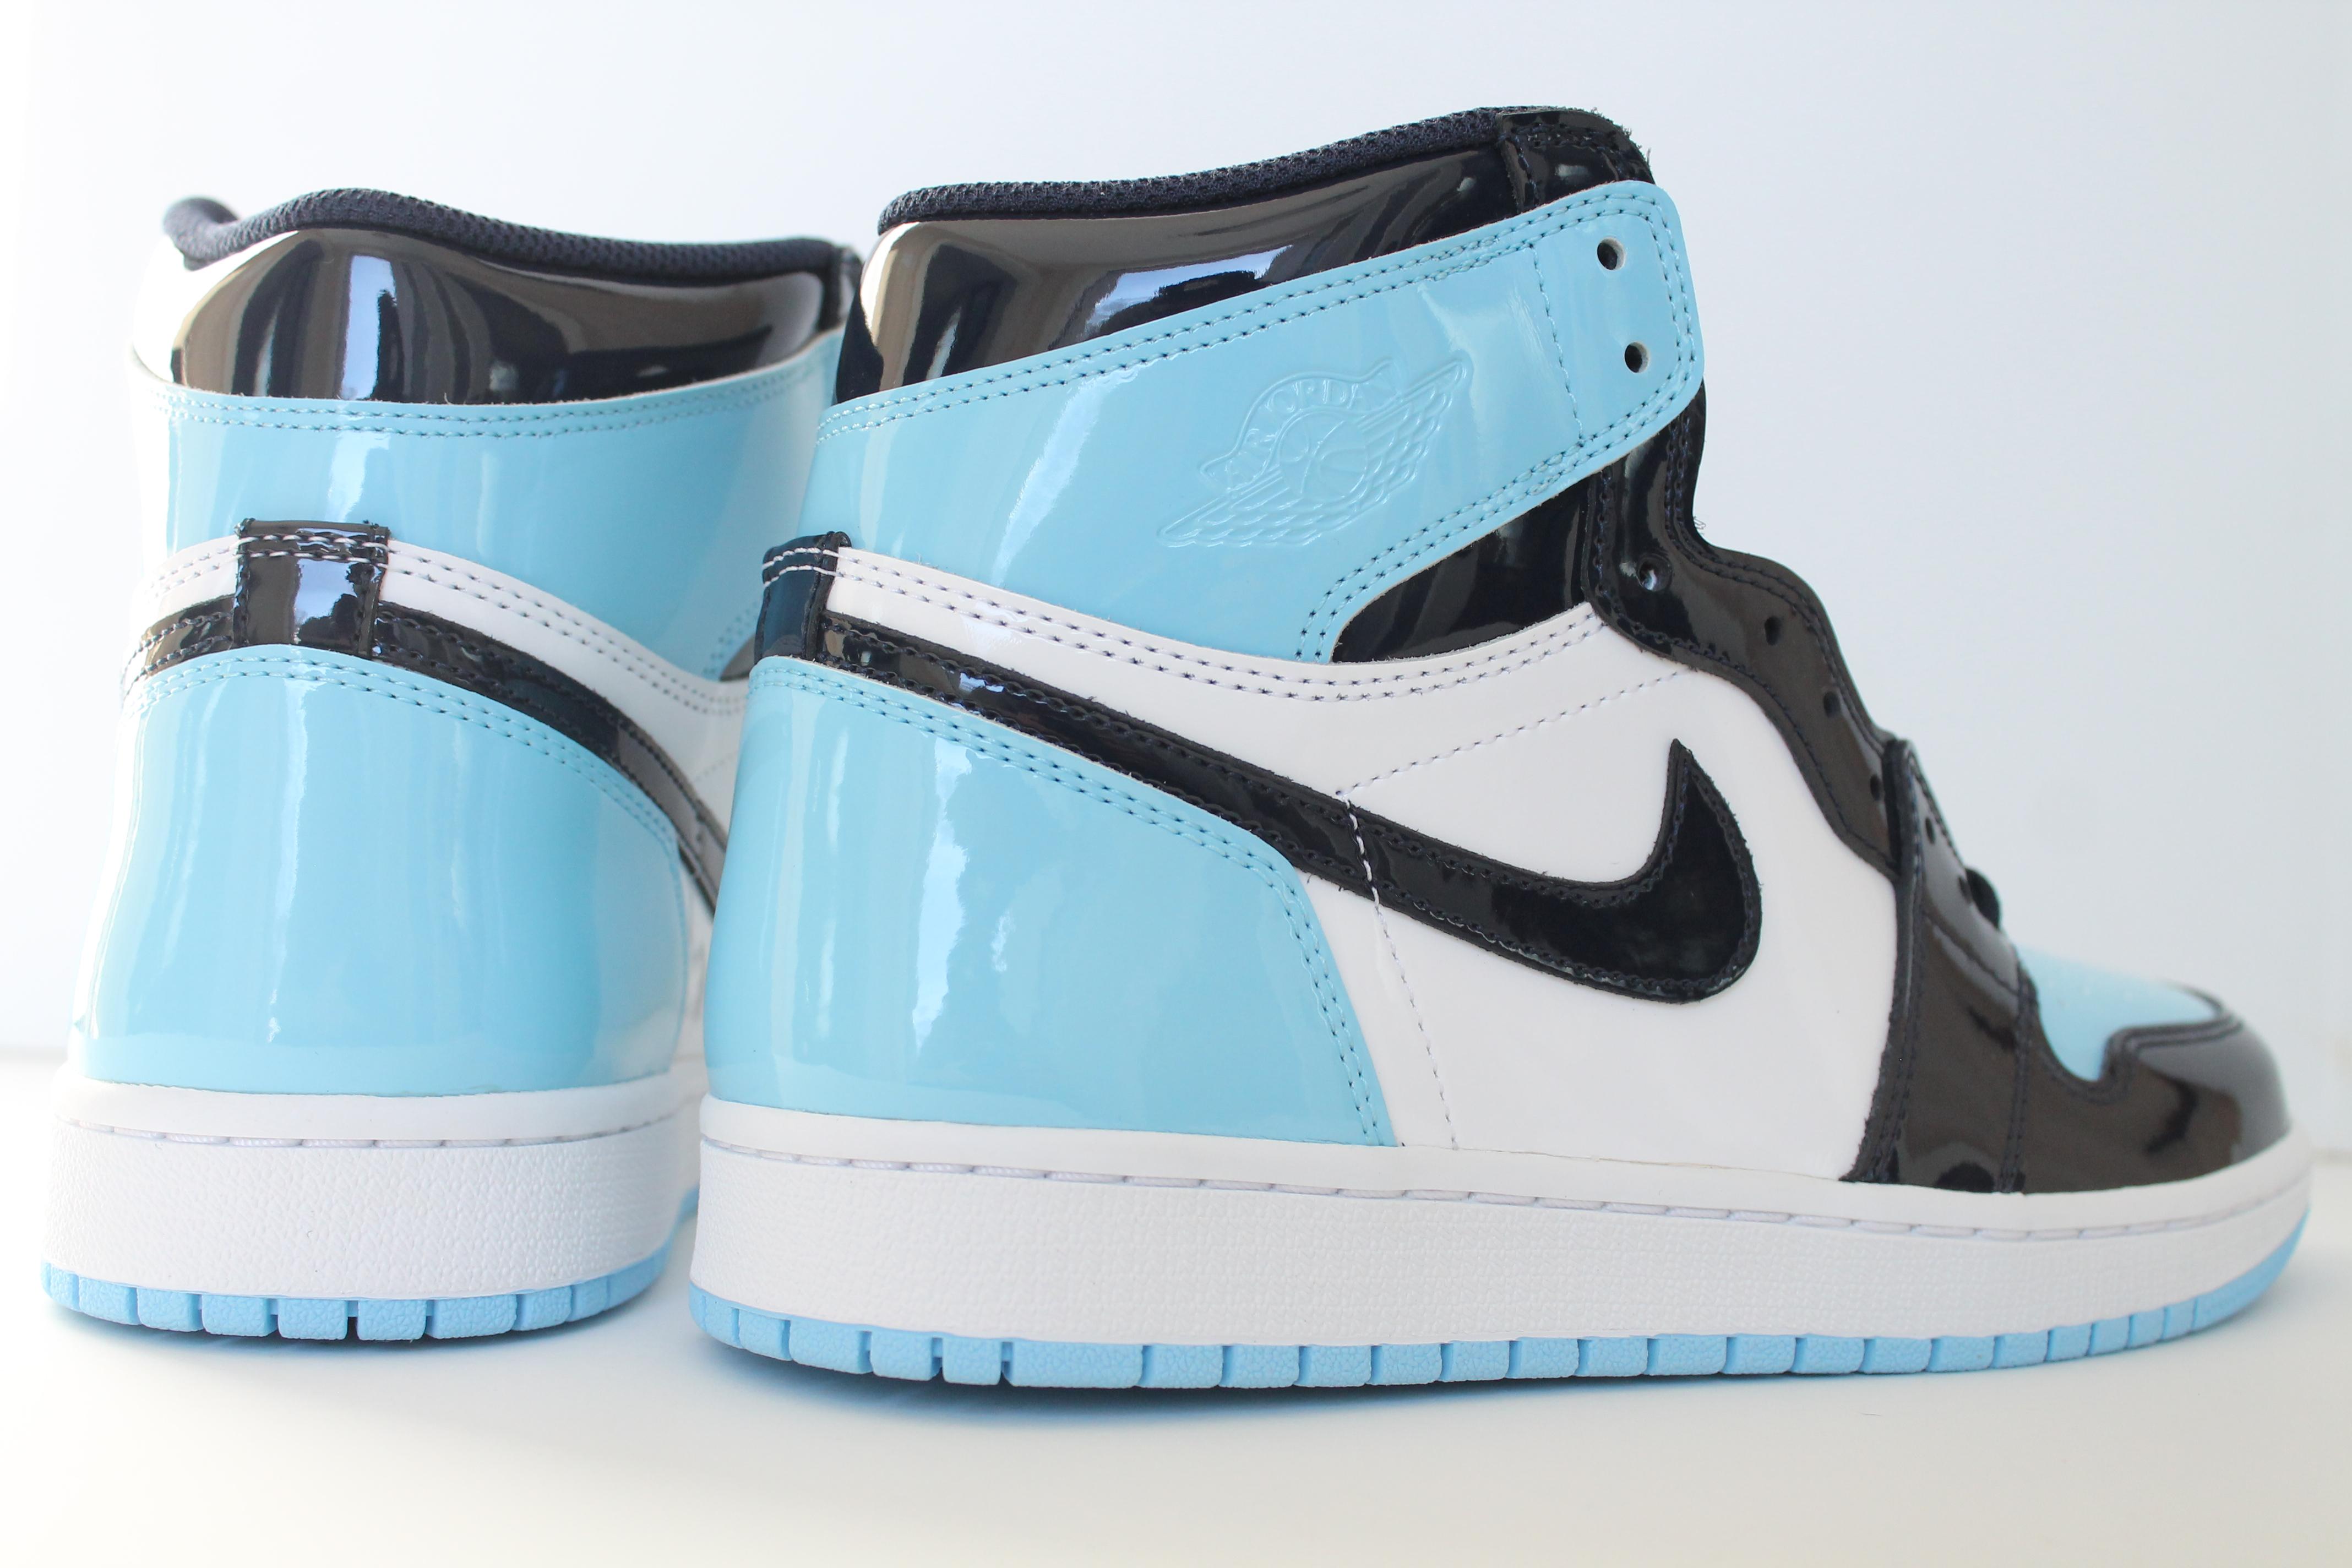 """brand new c646c f8d57 ... Chill"""" Air Jordan 1 Retro High OG Women s UNC """"Blue ..."""